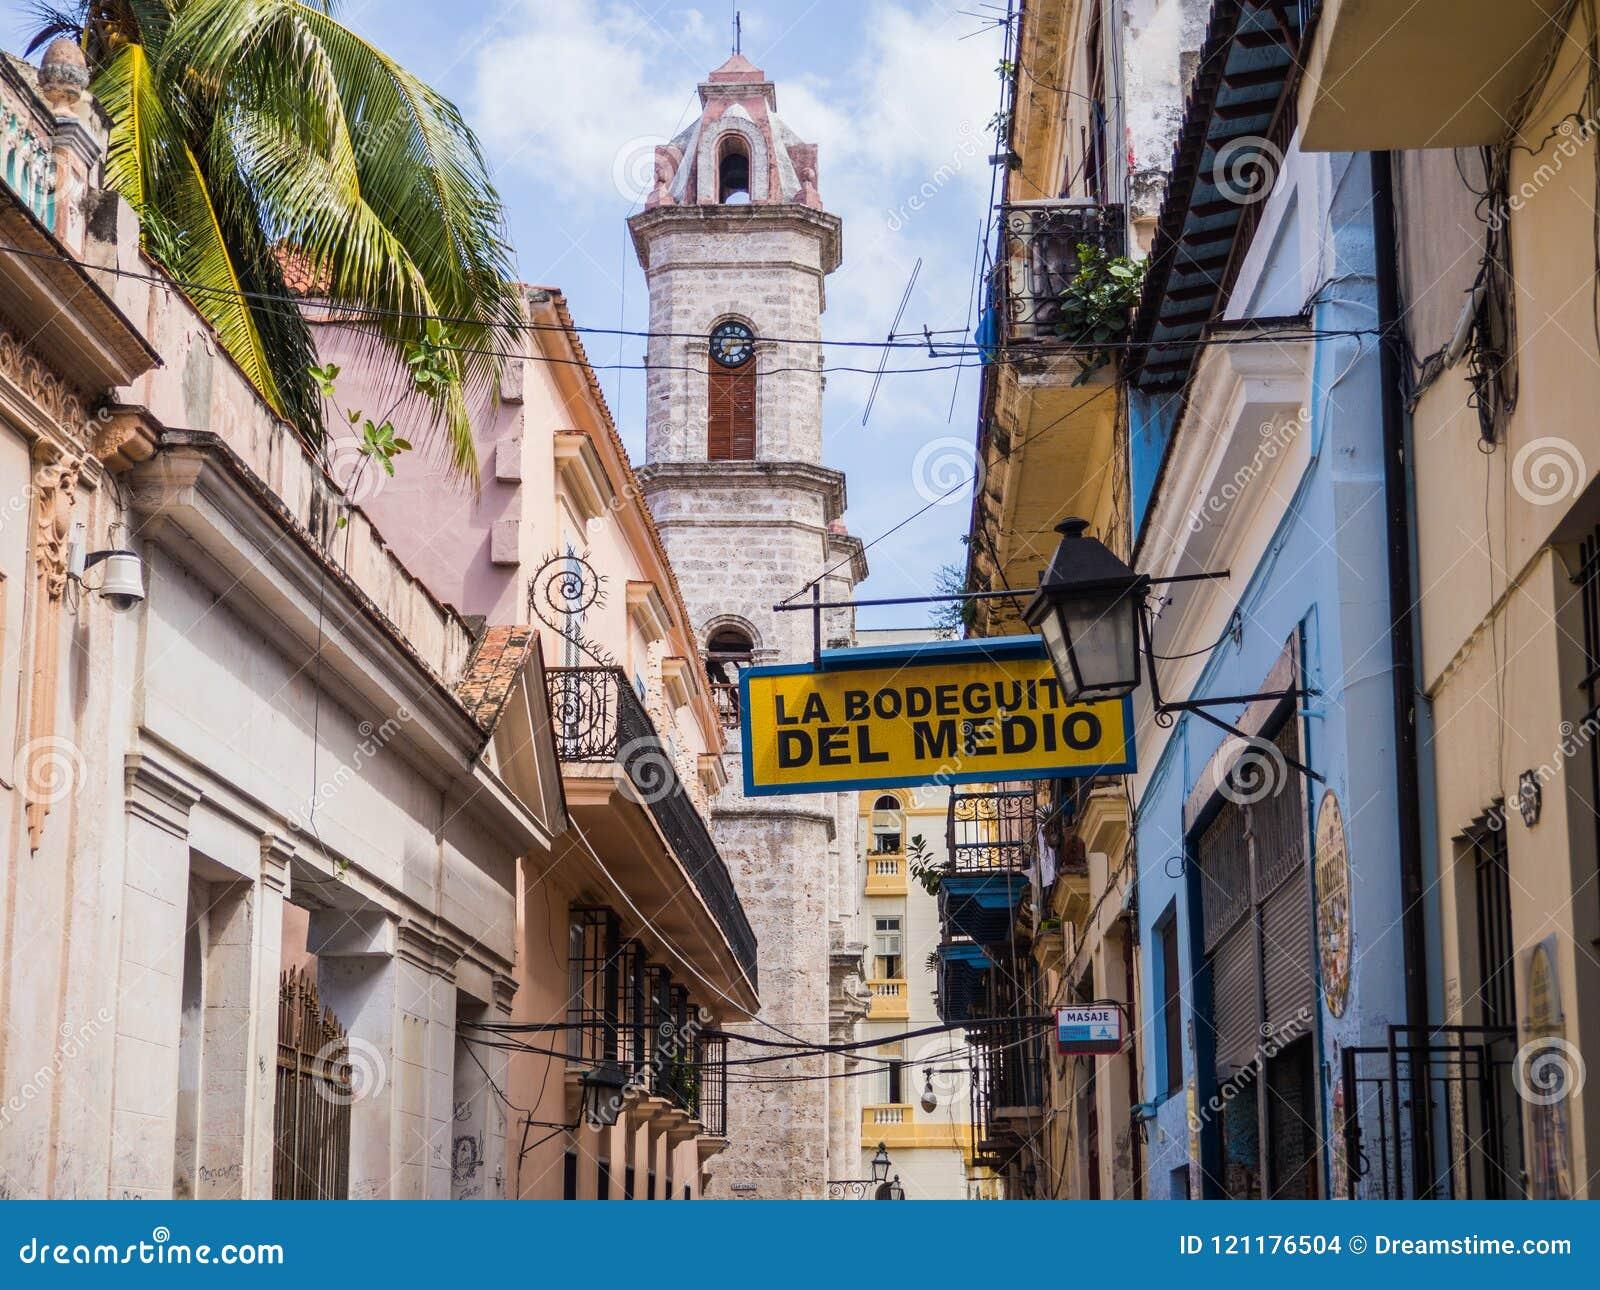 哈瓦那,古巴La Bodeguita del Medio酒吧,叫作酒吧欧内斯特・海明威哪里喝了mojito鸡尾酒